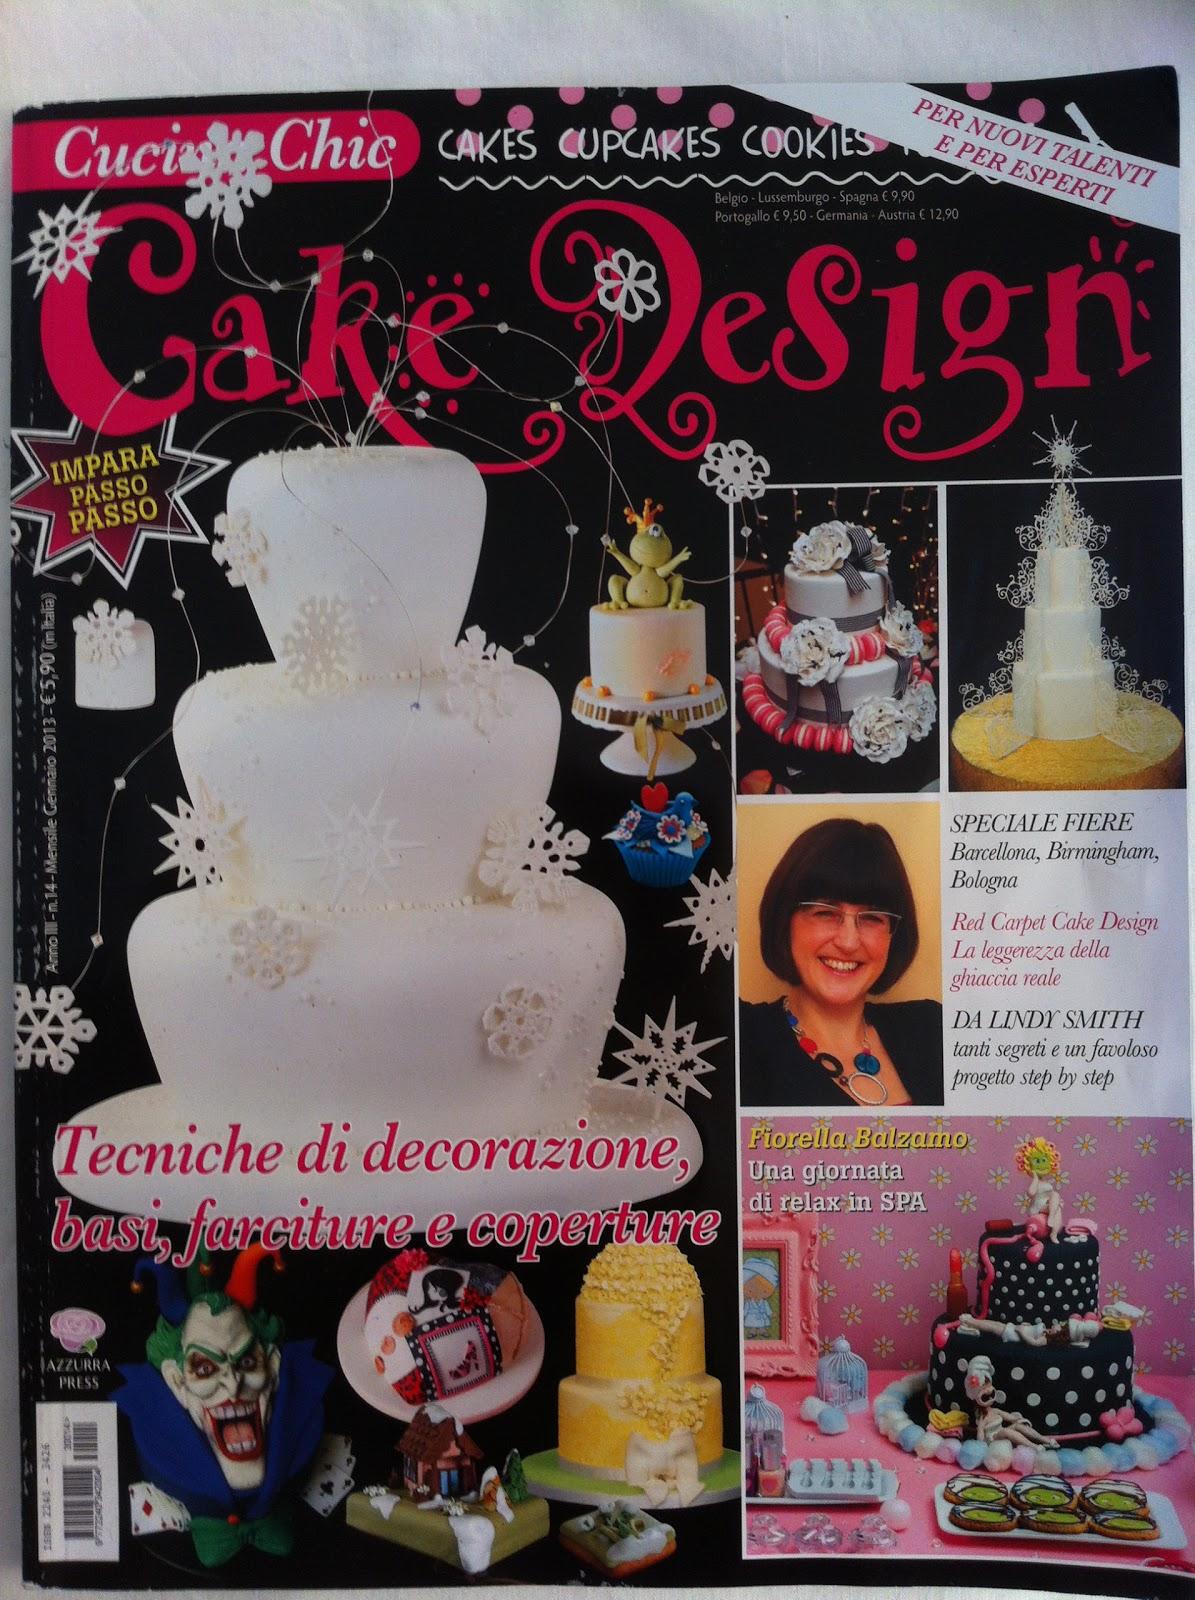 Red Carpet Cake Design®: PASSO PASSO TORTA INVERNALE SU ...